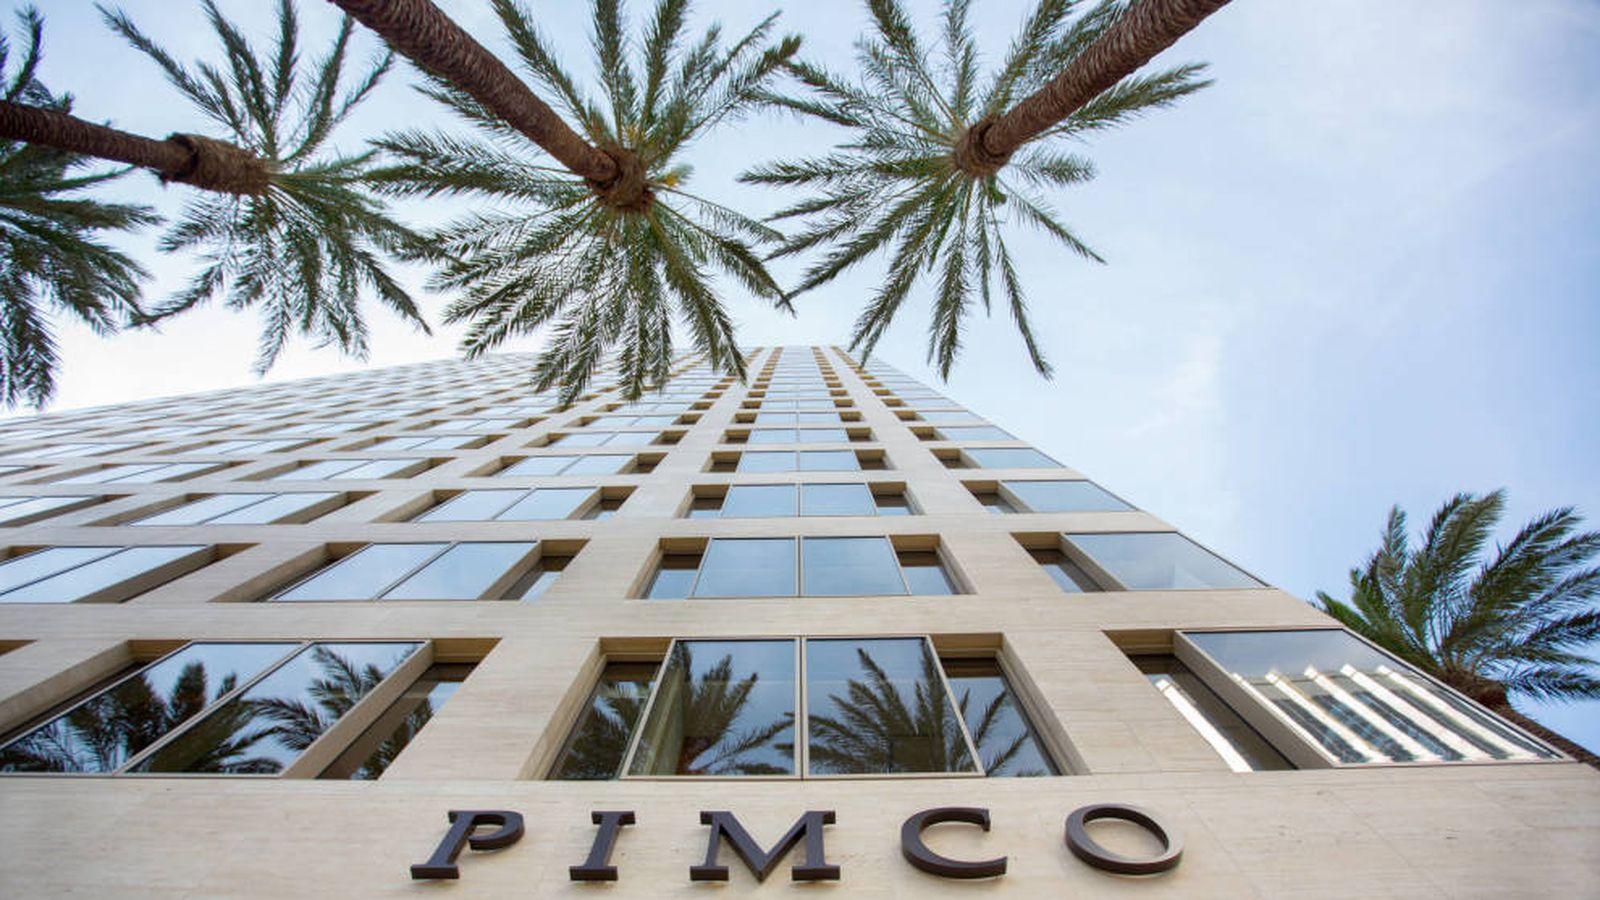 Foto: Sede central de Pimco en Newport Beach, California. (Pimco)